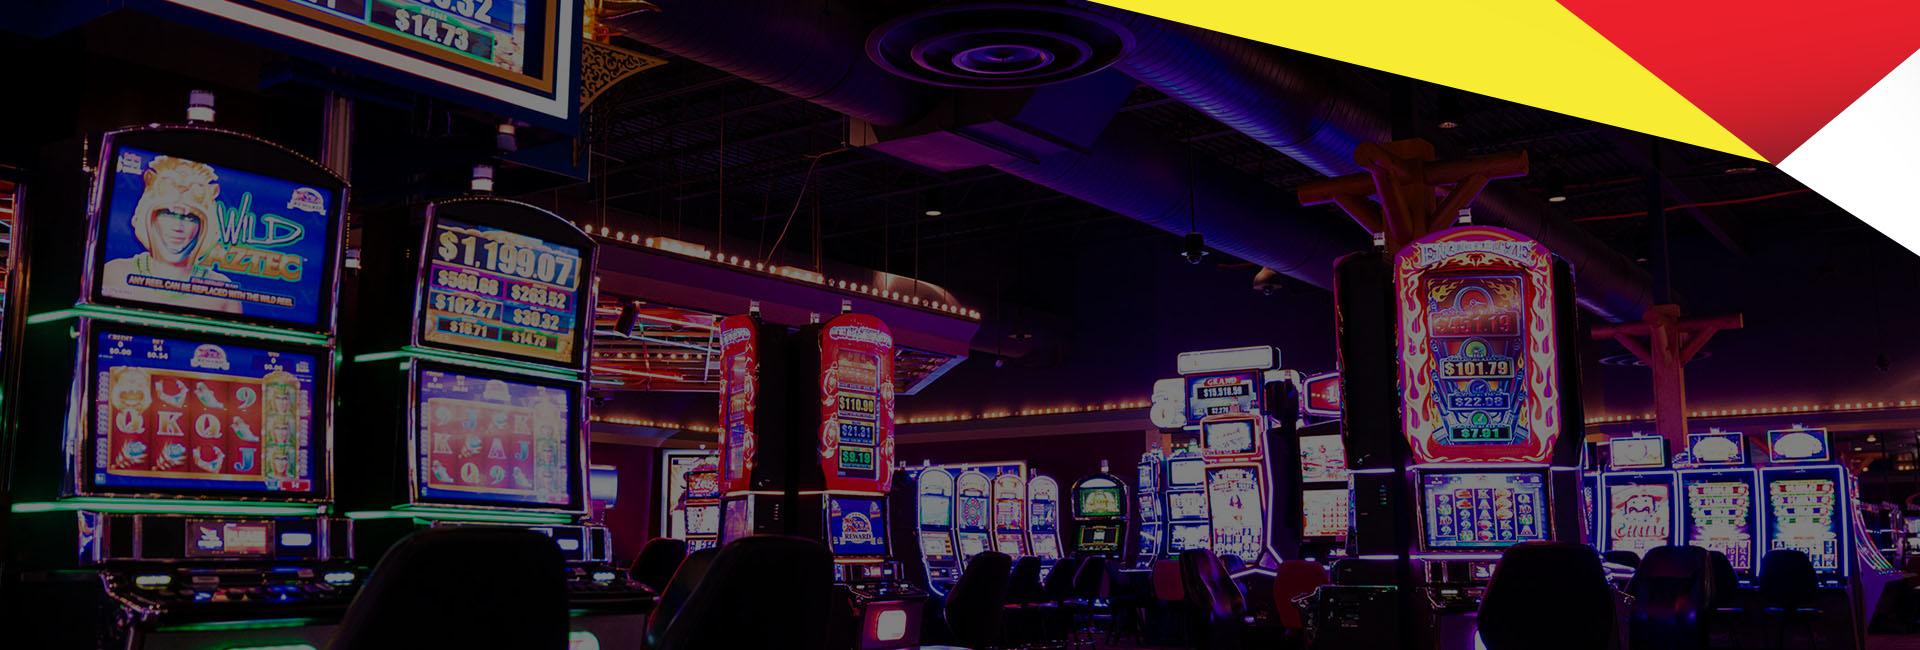 Игровые автоматы белатра онлайн бесплатно играть